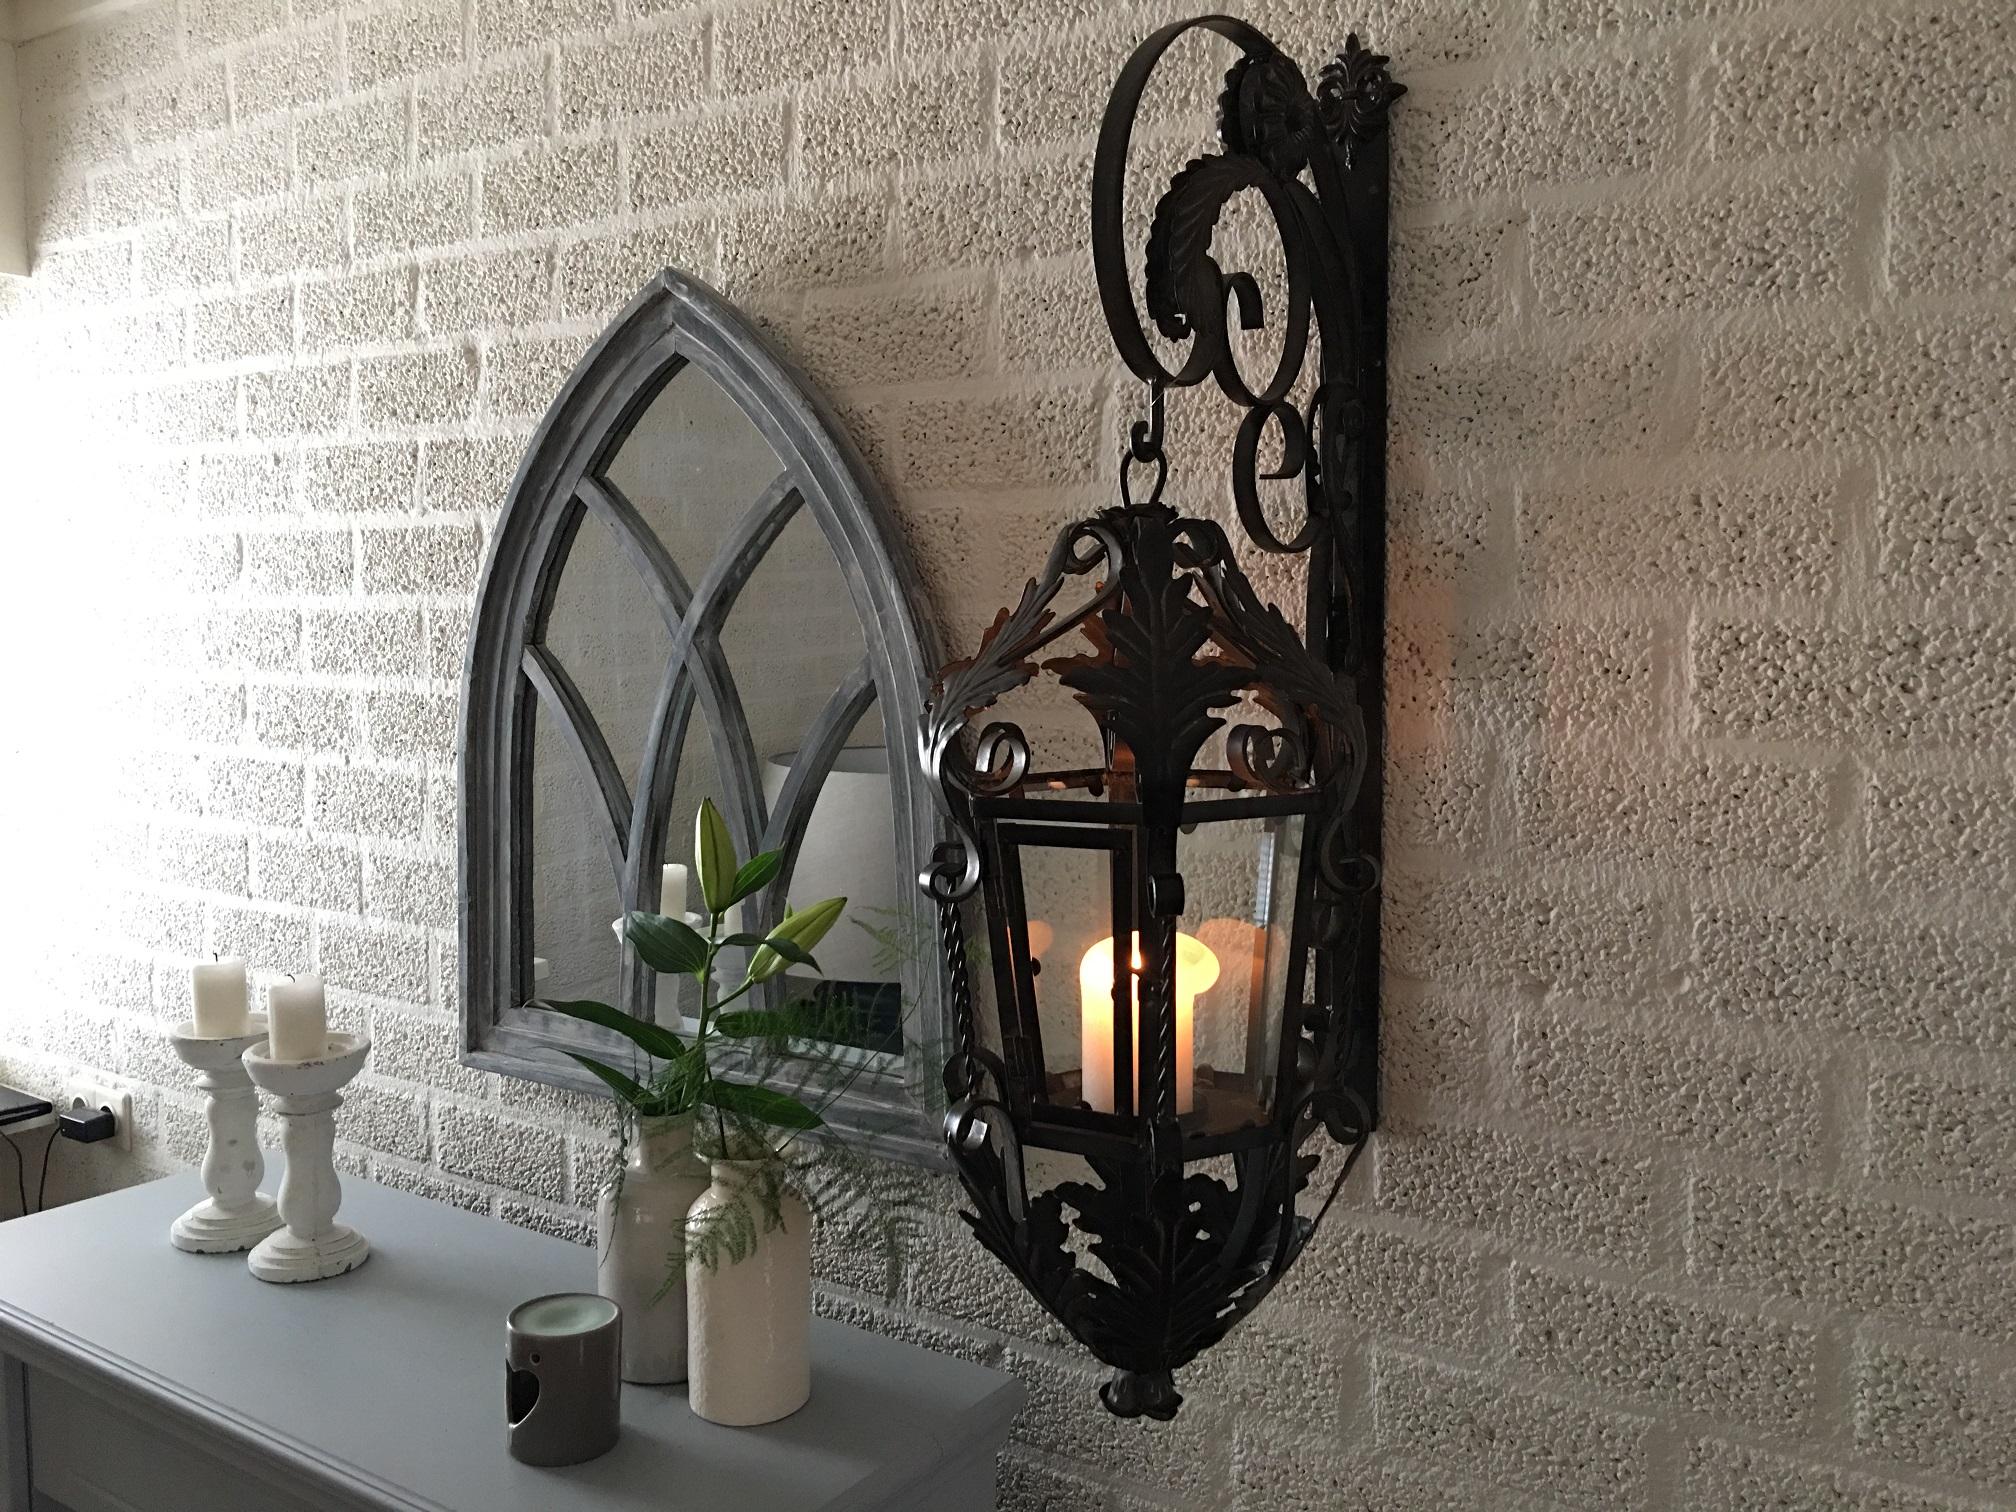 Beroemd www - handgemaakt - de- Uw specialist voor decoratie , antiek HT86